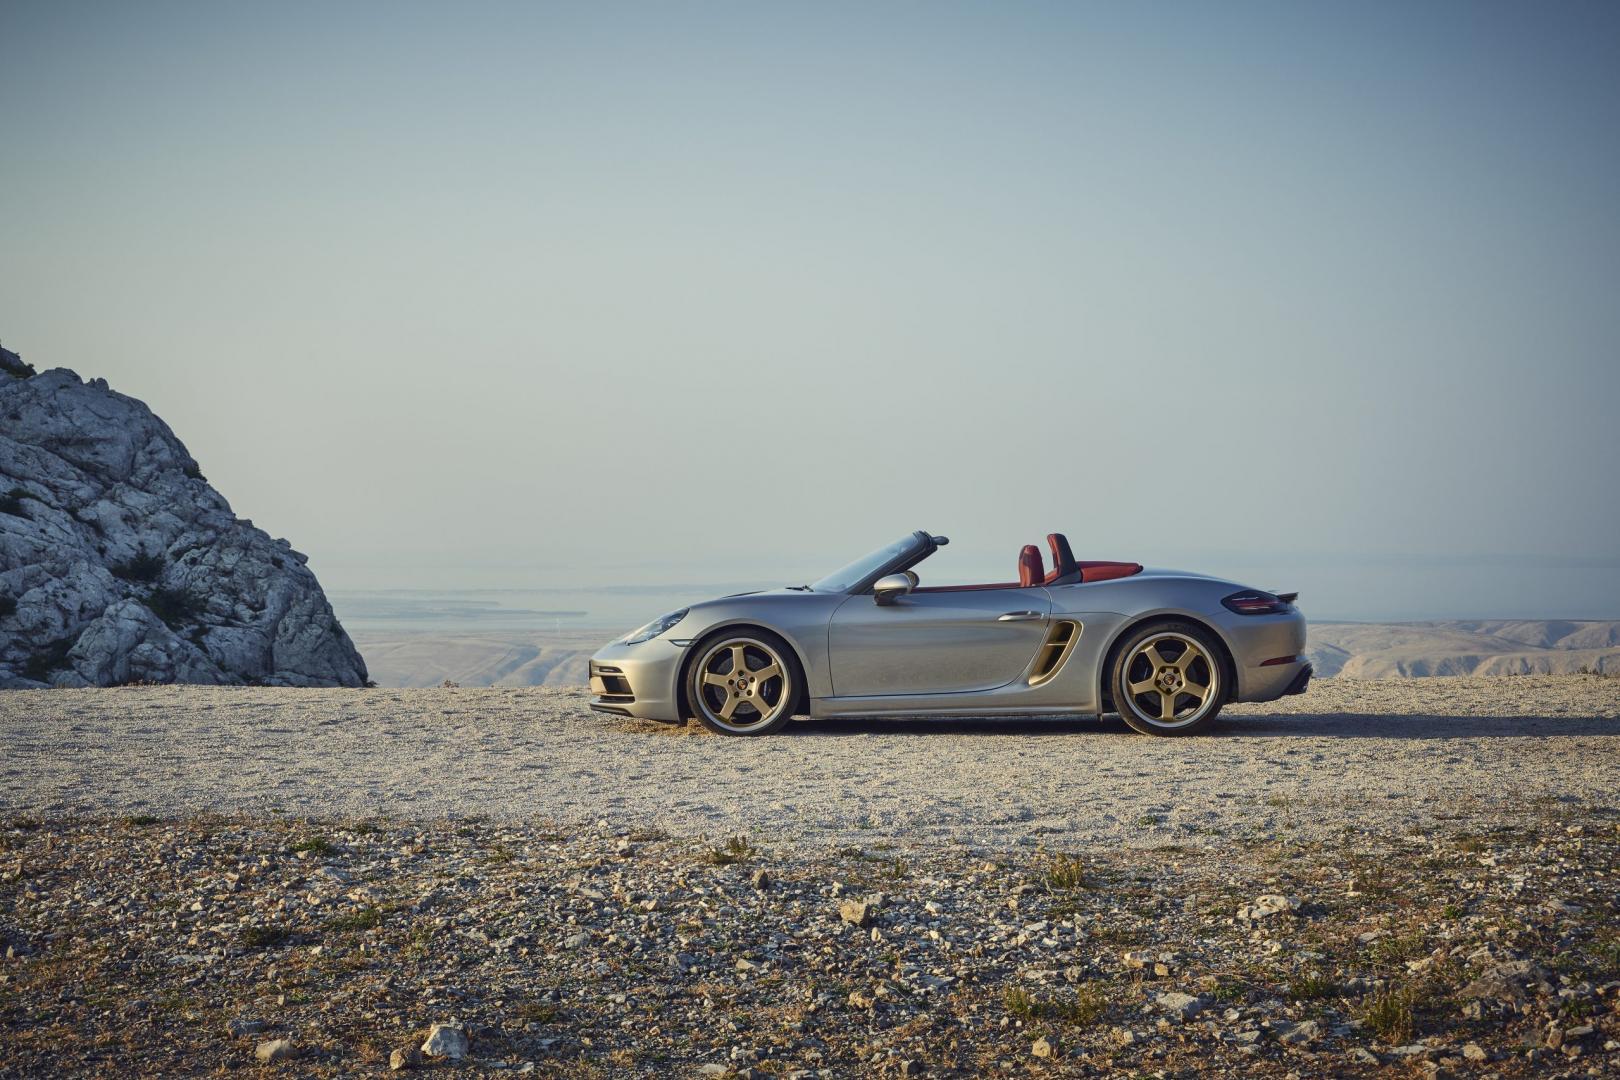 Zijkant Porsche Boxster 25 Years